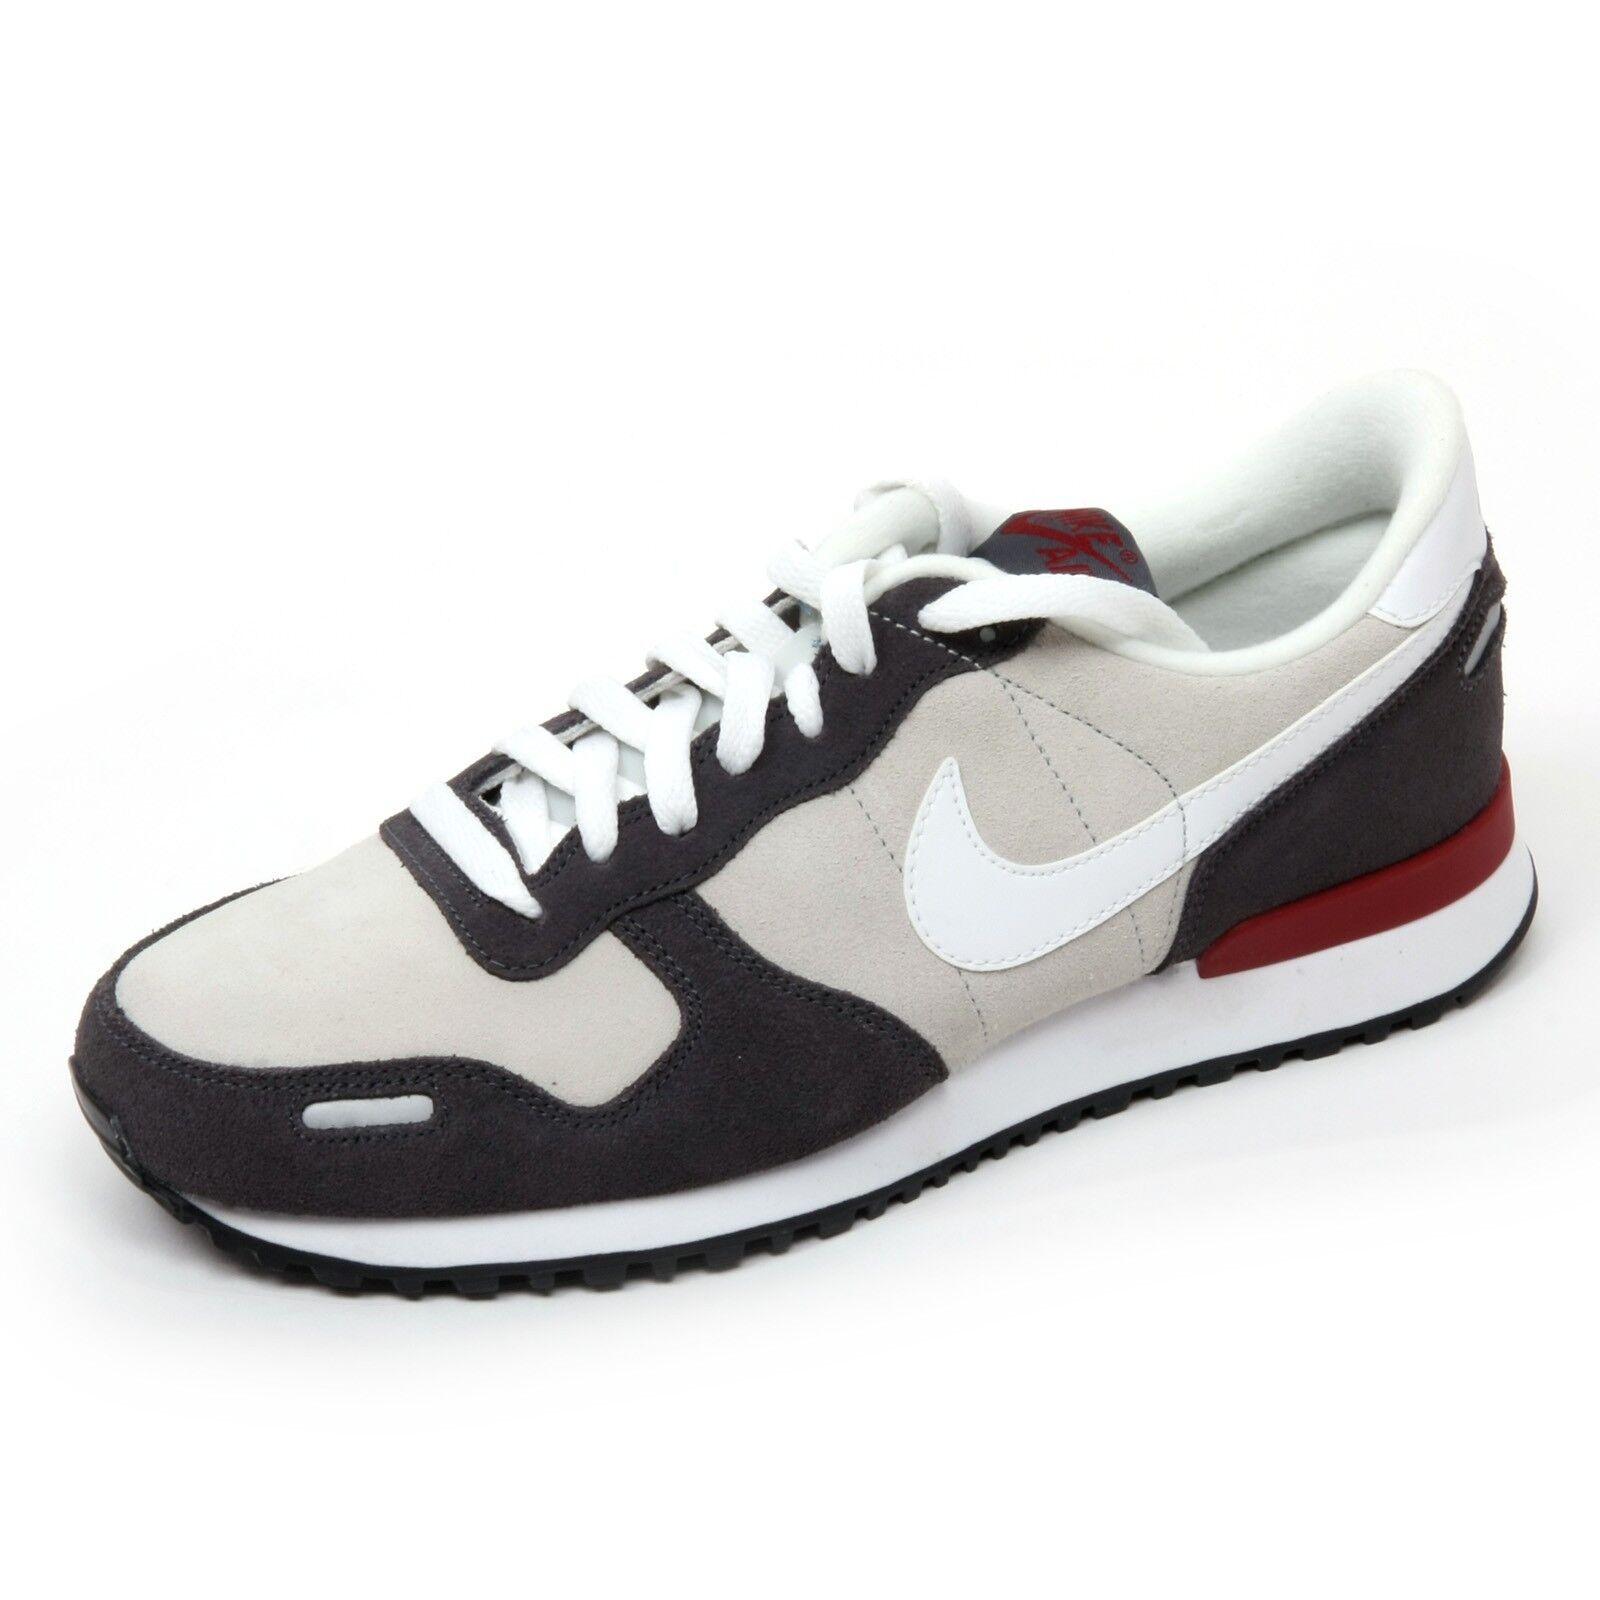 C0017 AIR sneaker hombre NIKE AIR C0017 VORTEX LEATHER zapatos grigio/Blanco Zapatos man 667aa2